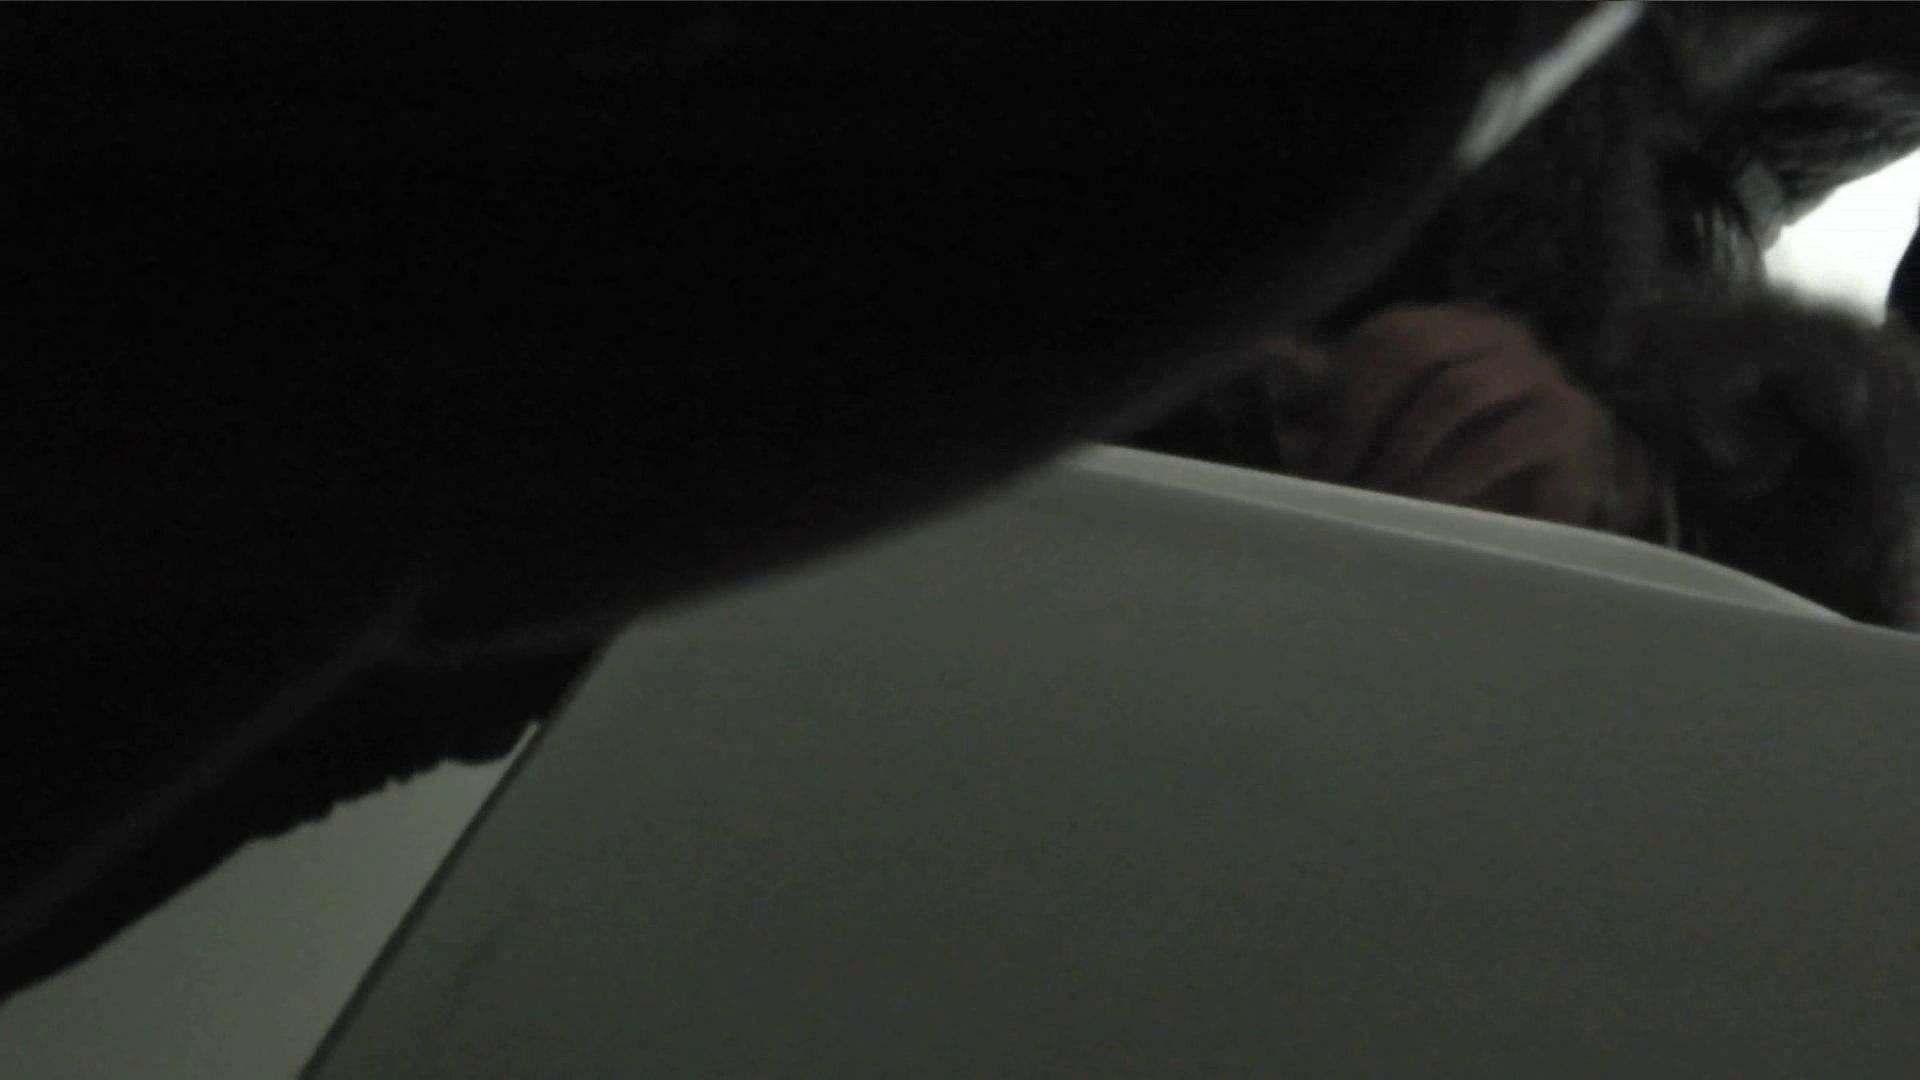 日本成人用品展览会。vol.02 着替えシーンもありマス エロティックなOL 盗み撮り動画 92画像 34